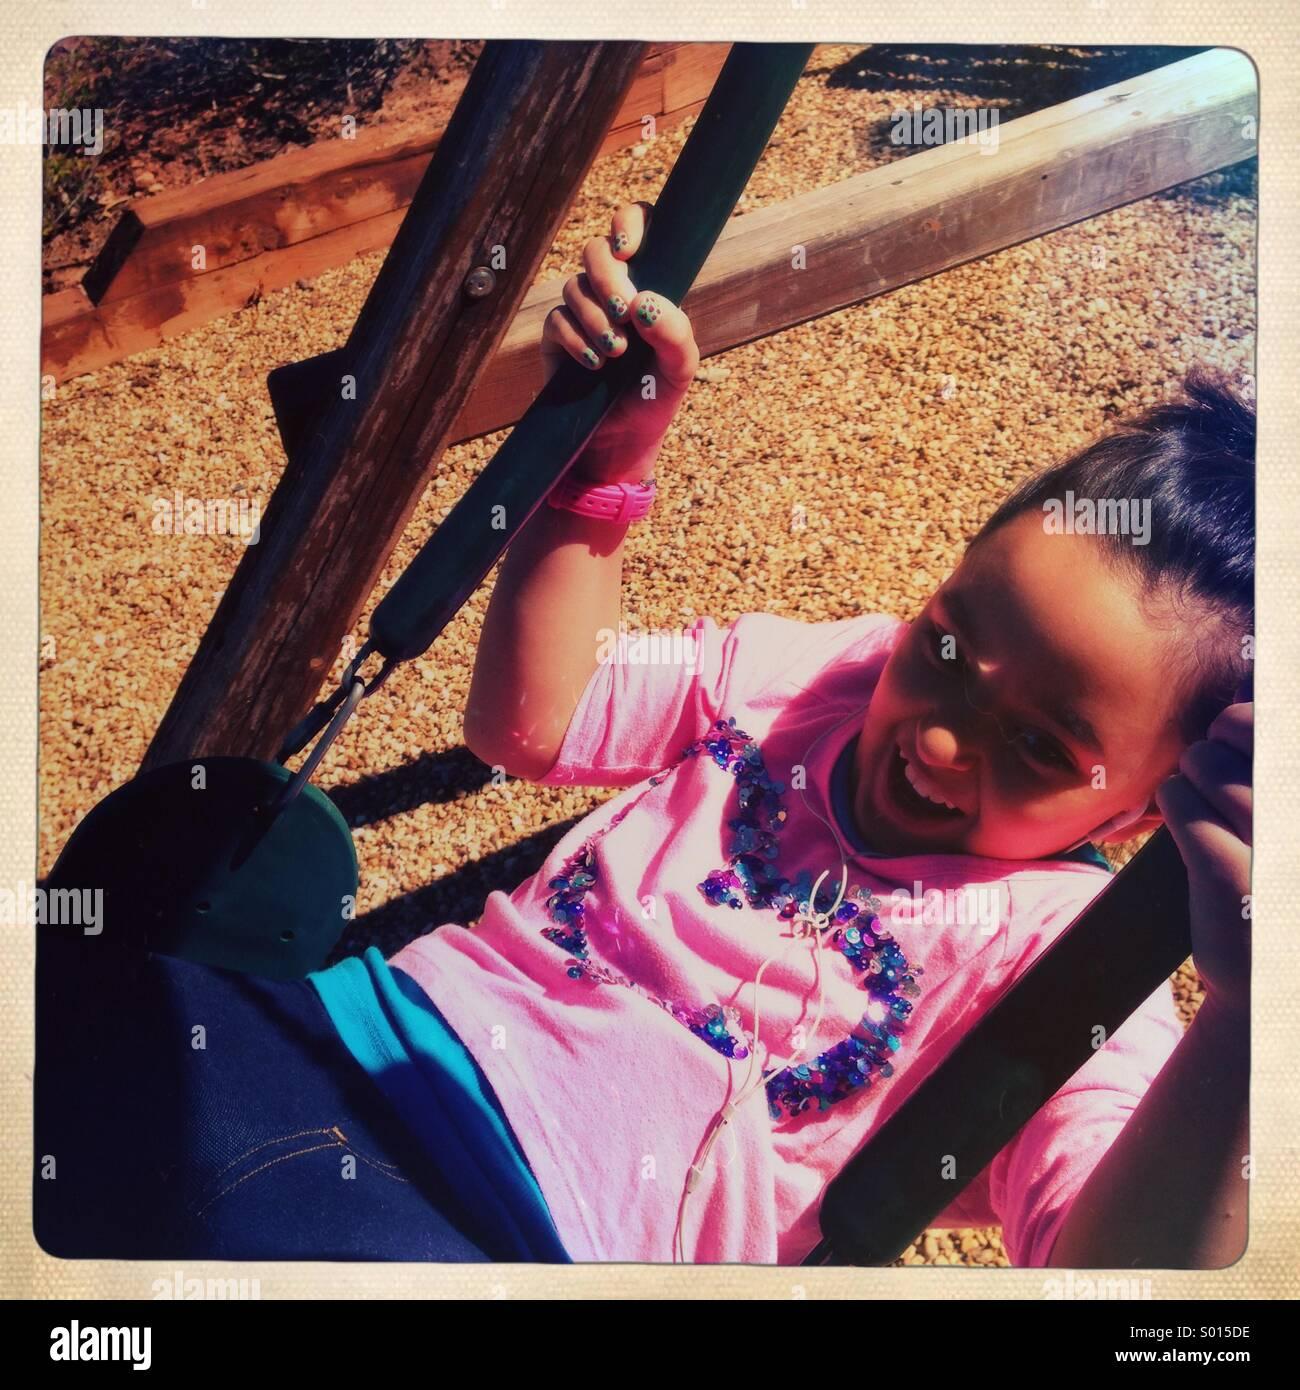 Kleines Mädchen Lachen auf Schaukel Stockbild